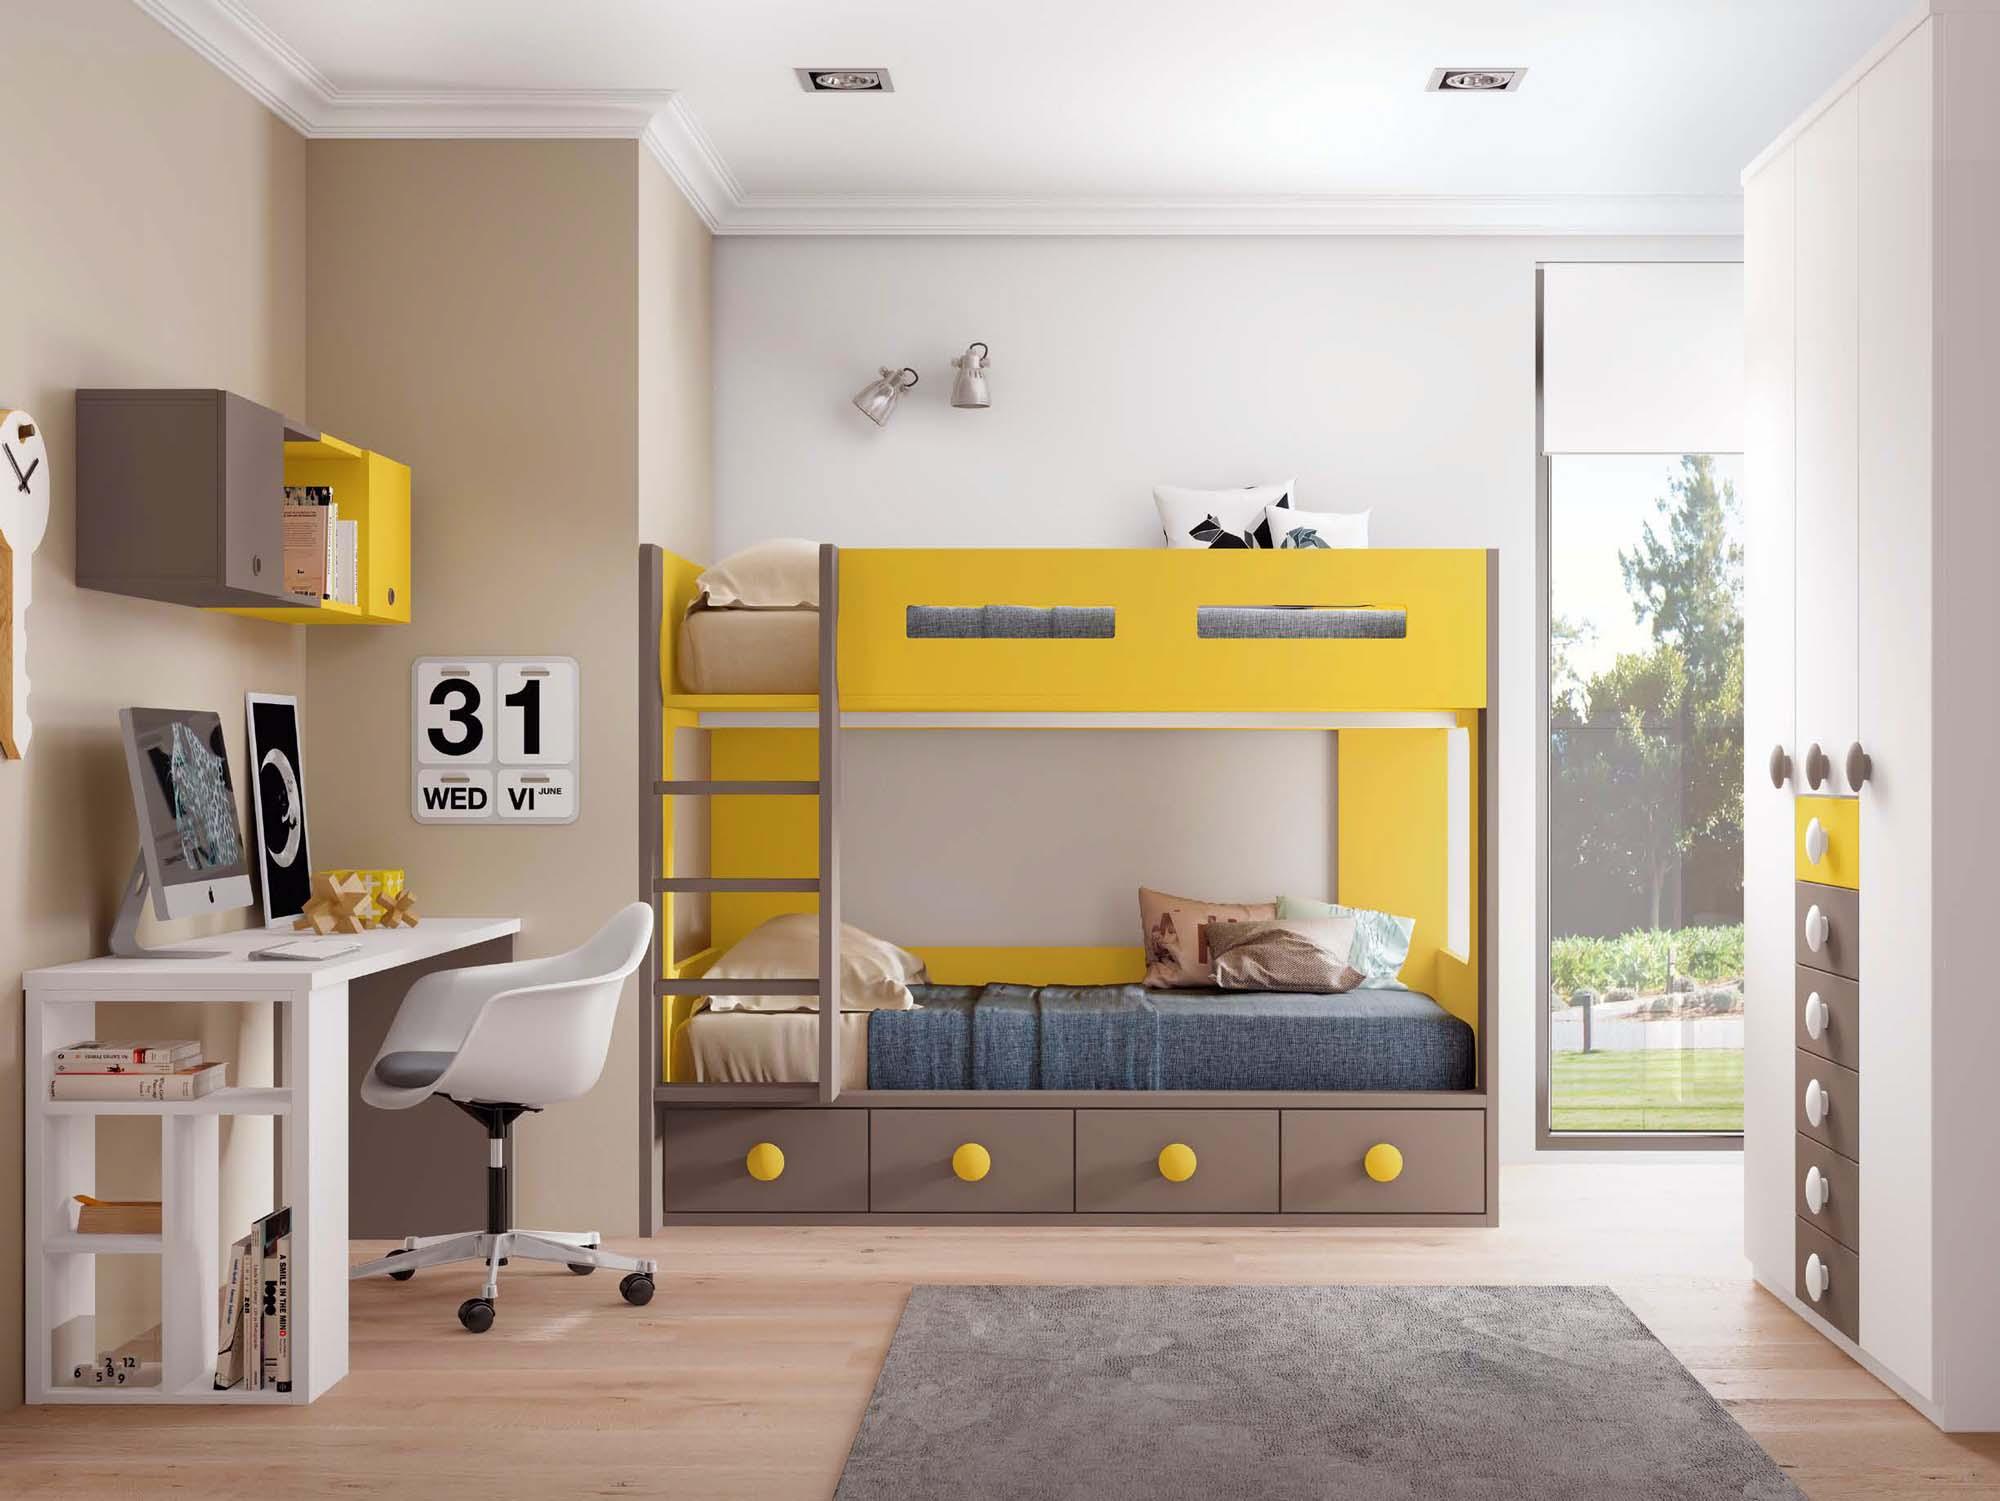 Chambre avec lits superposés PERSONNALISABLES F263 - GLICERIO